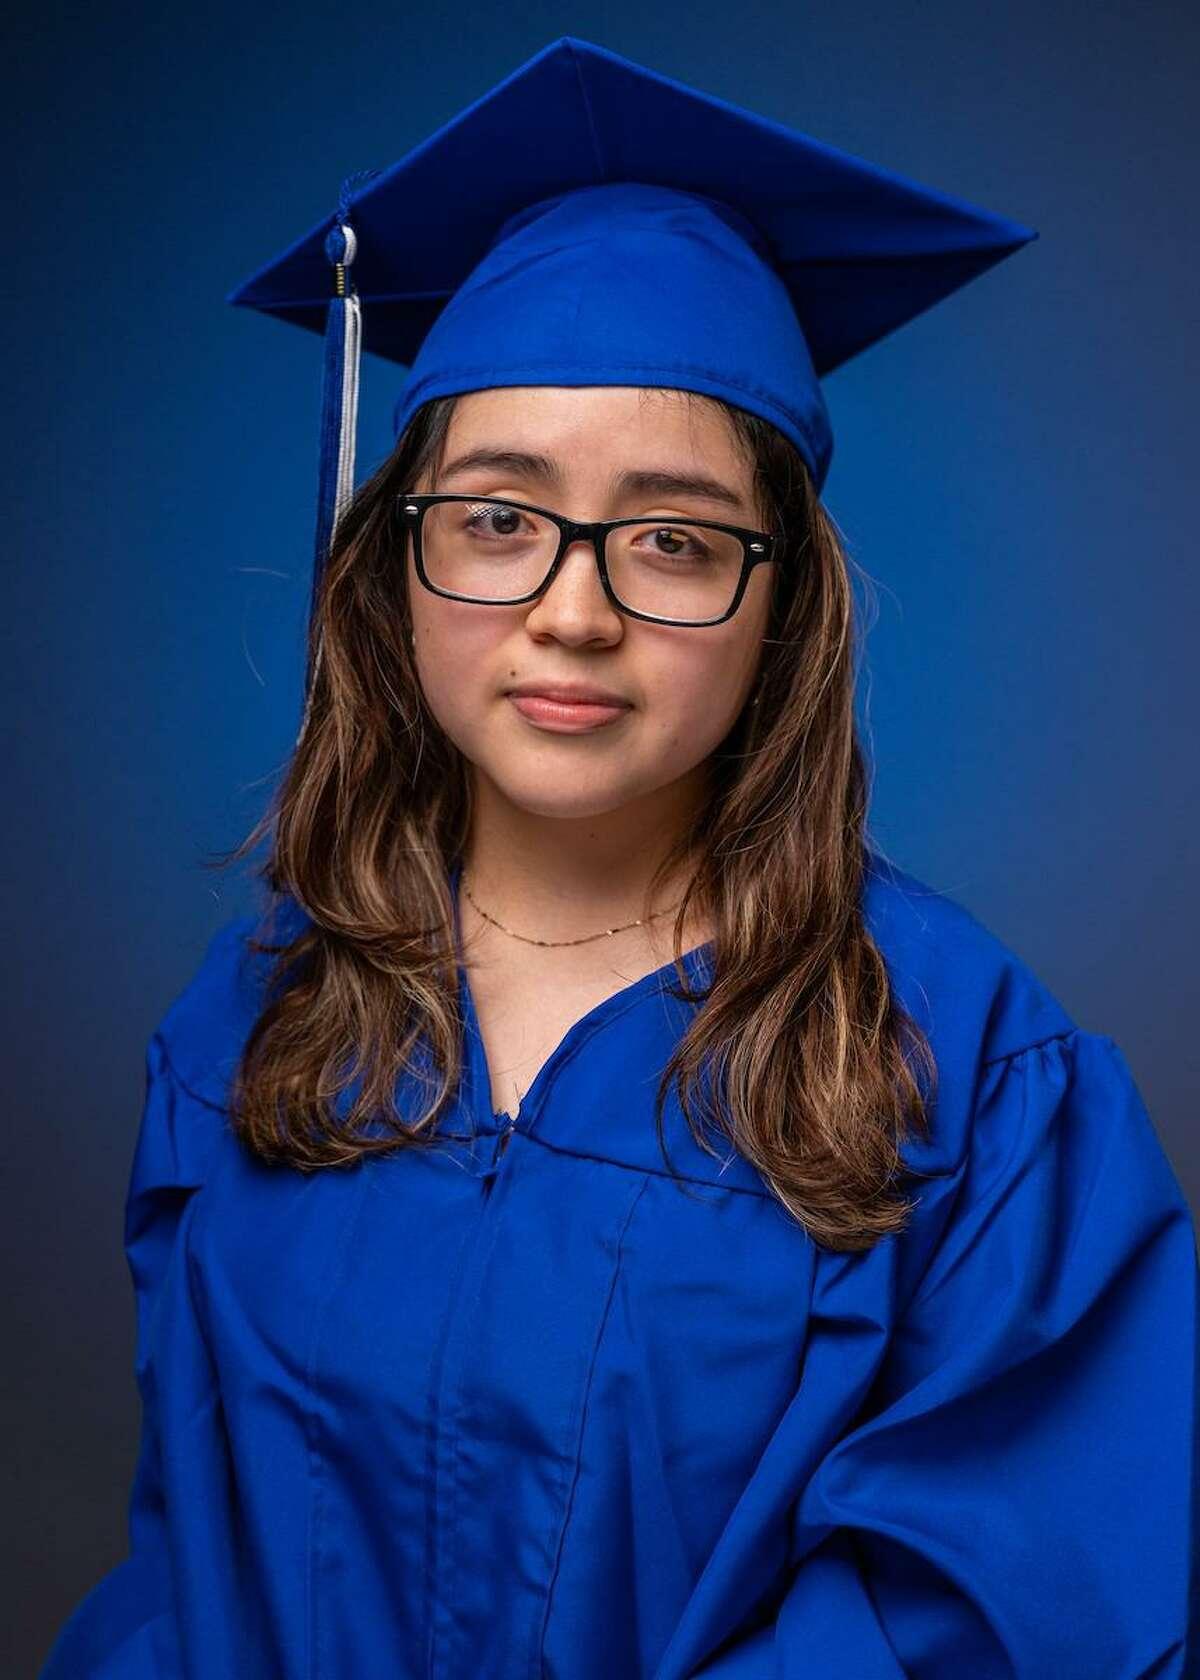 Galilea Luna, Dekaney High School Salutatorian